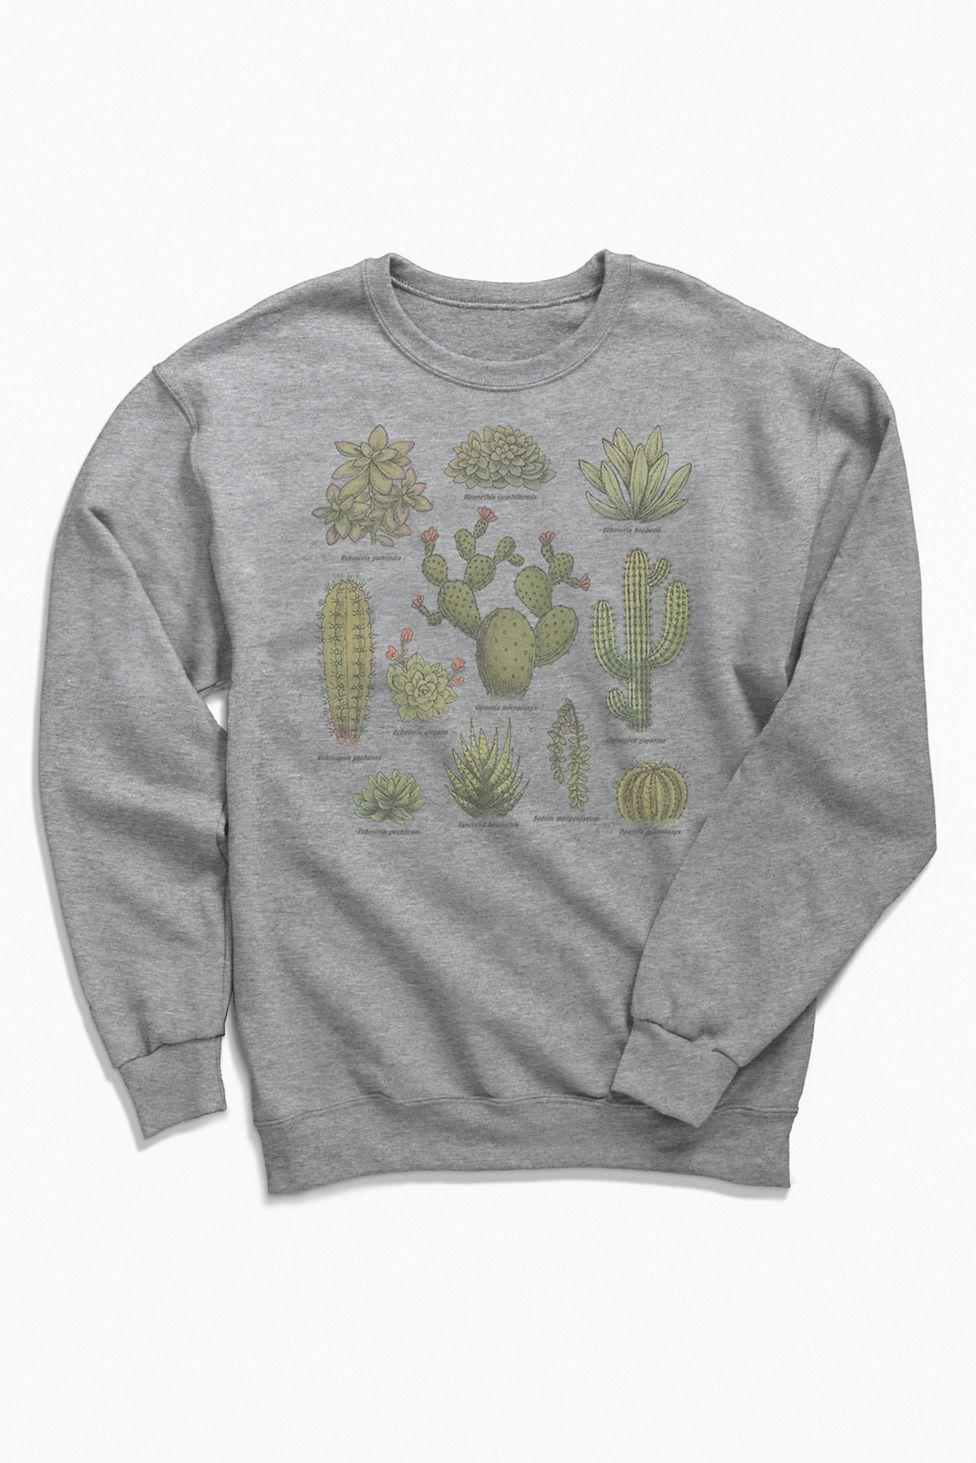 Botanical Cacti Crew Neck Sweatshirt Urban Outfitters Sweatshirts Crew Neck Sweatshirt Sweatshirt Shirt [ 1463 x 976 Pixel ]